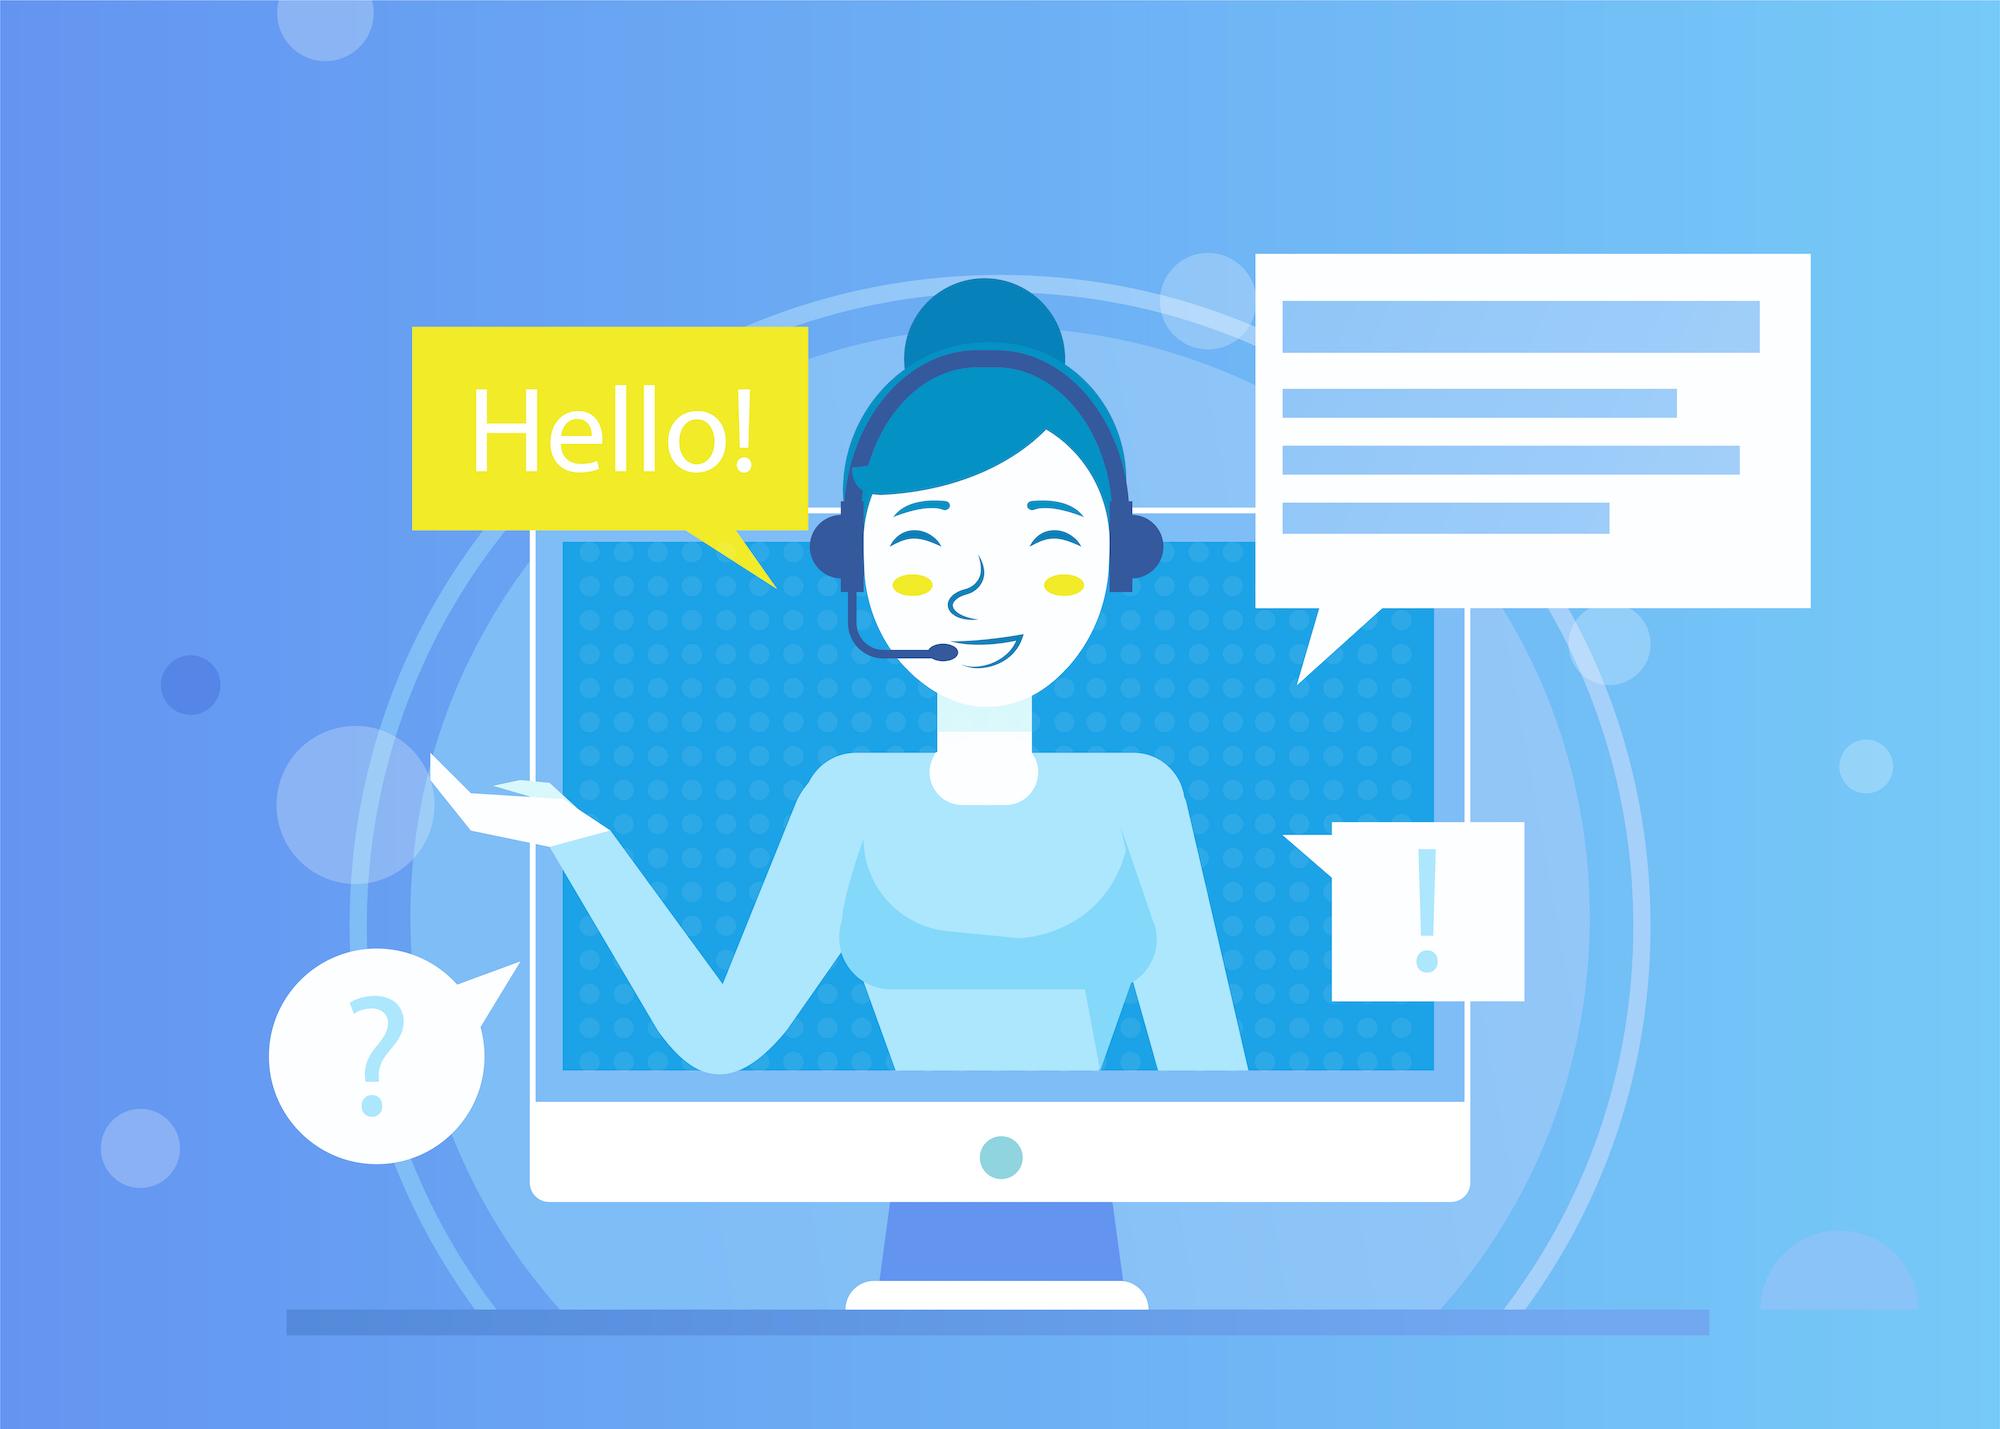 サーバーワークス、Amazon Connect上で最適なヘッドセットの選定コンサルティングと導入支援サービスを提供開始